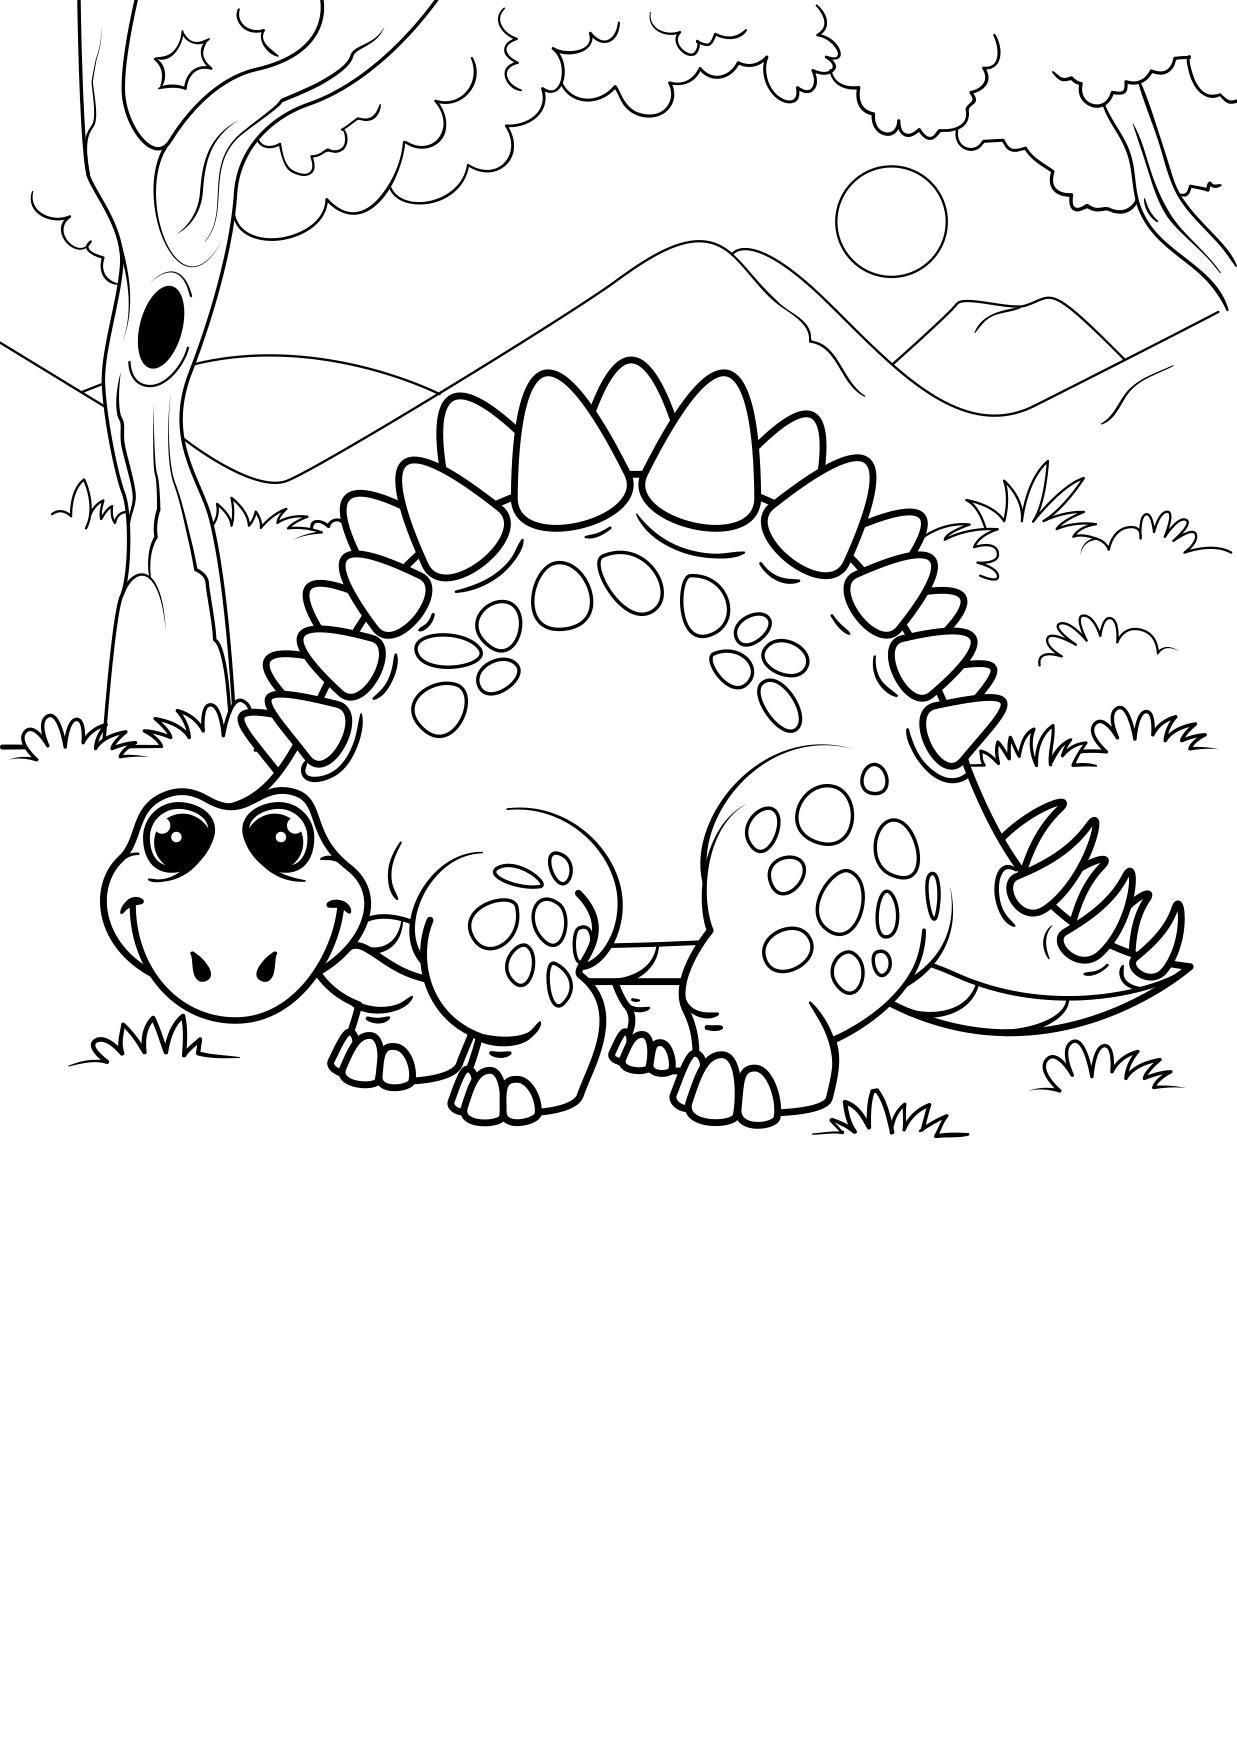 malvorlage dinosaurier im wald  kostenlose ausmalbilder